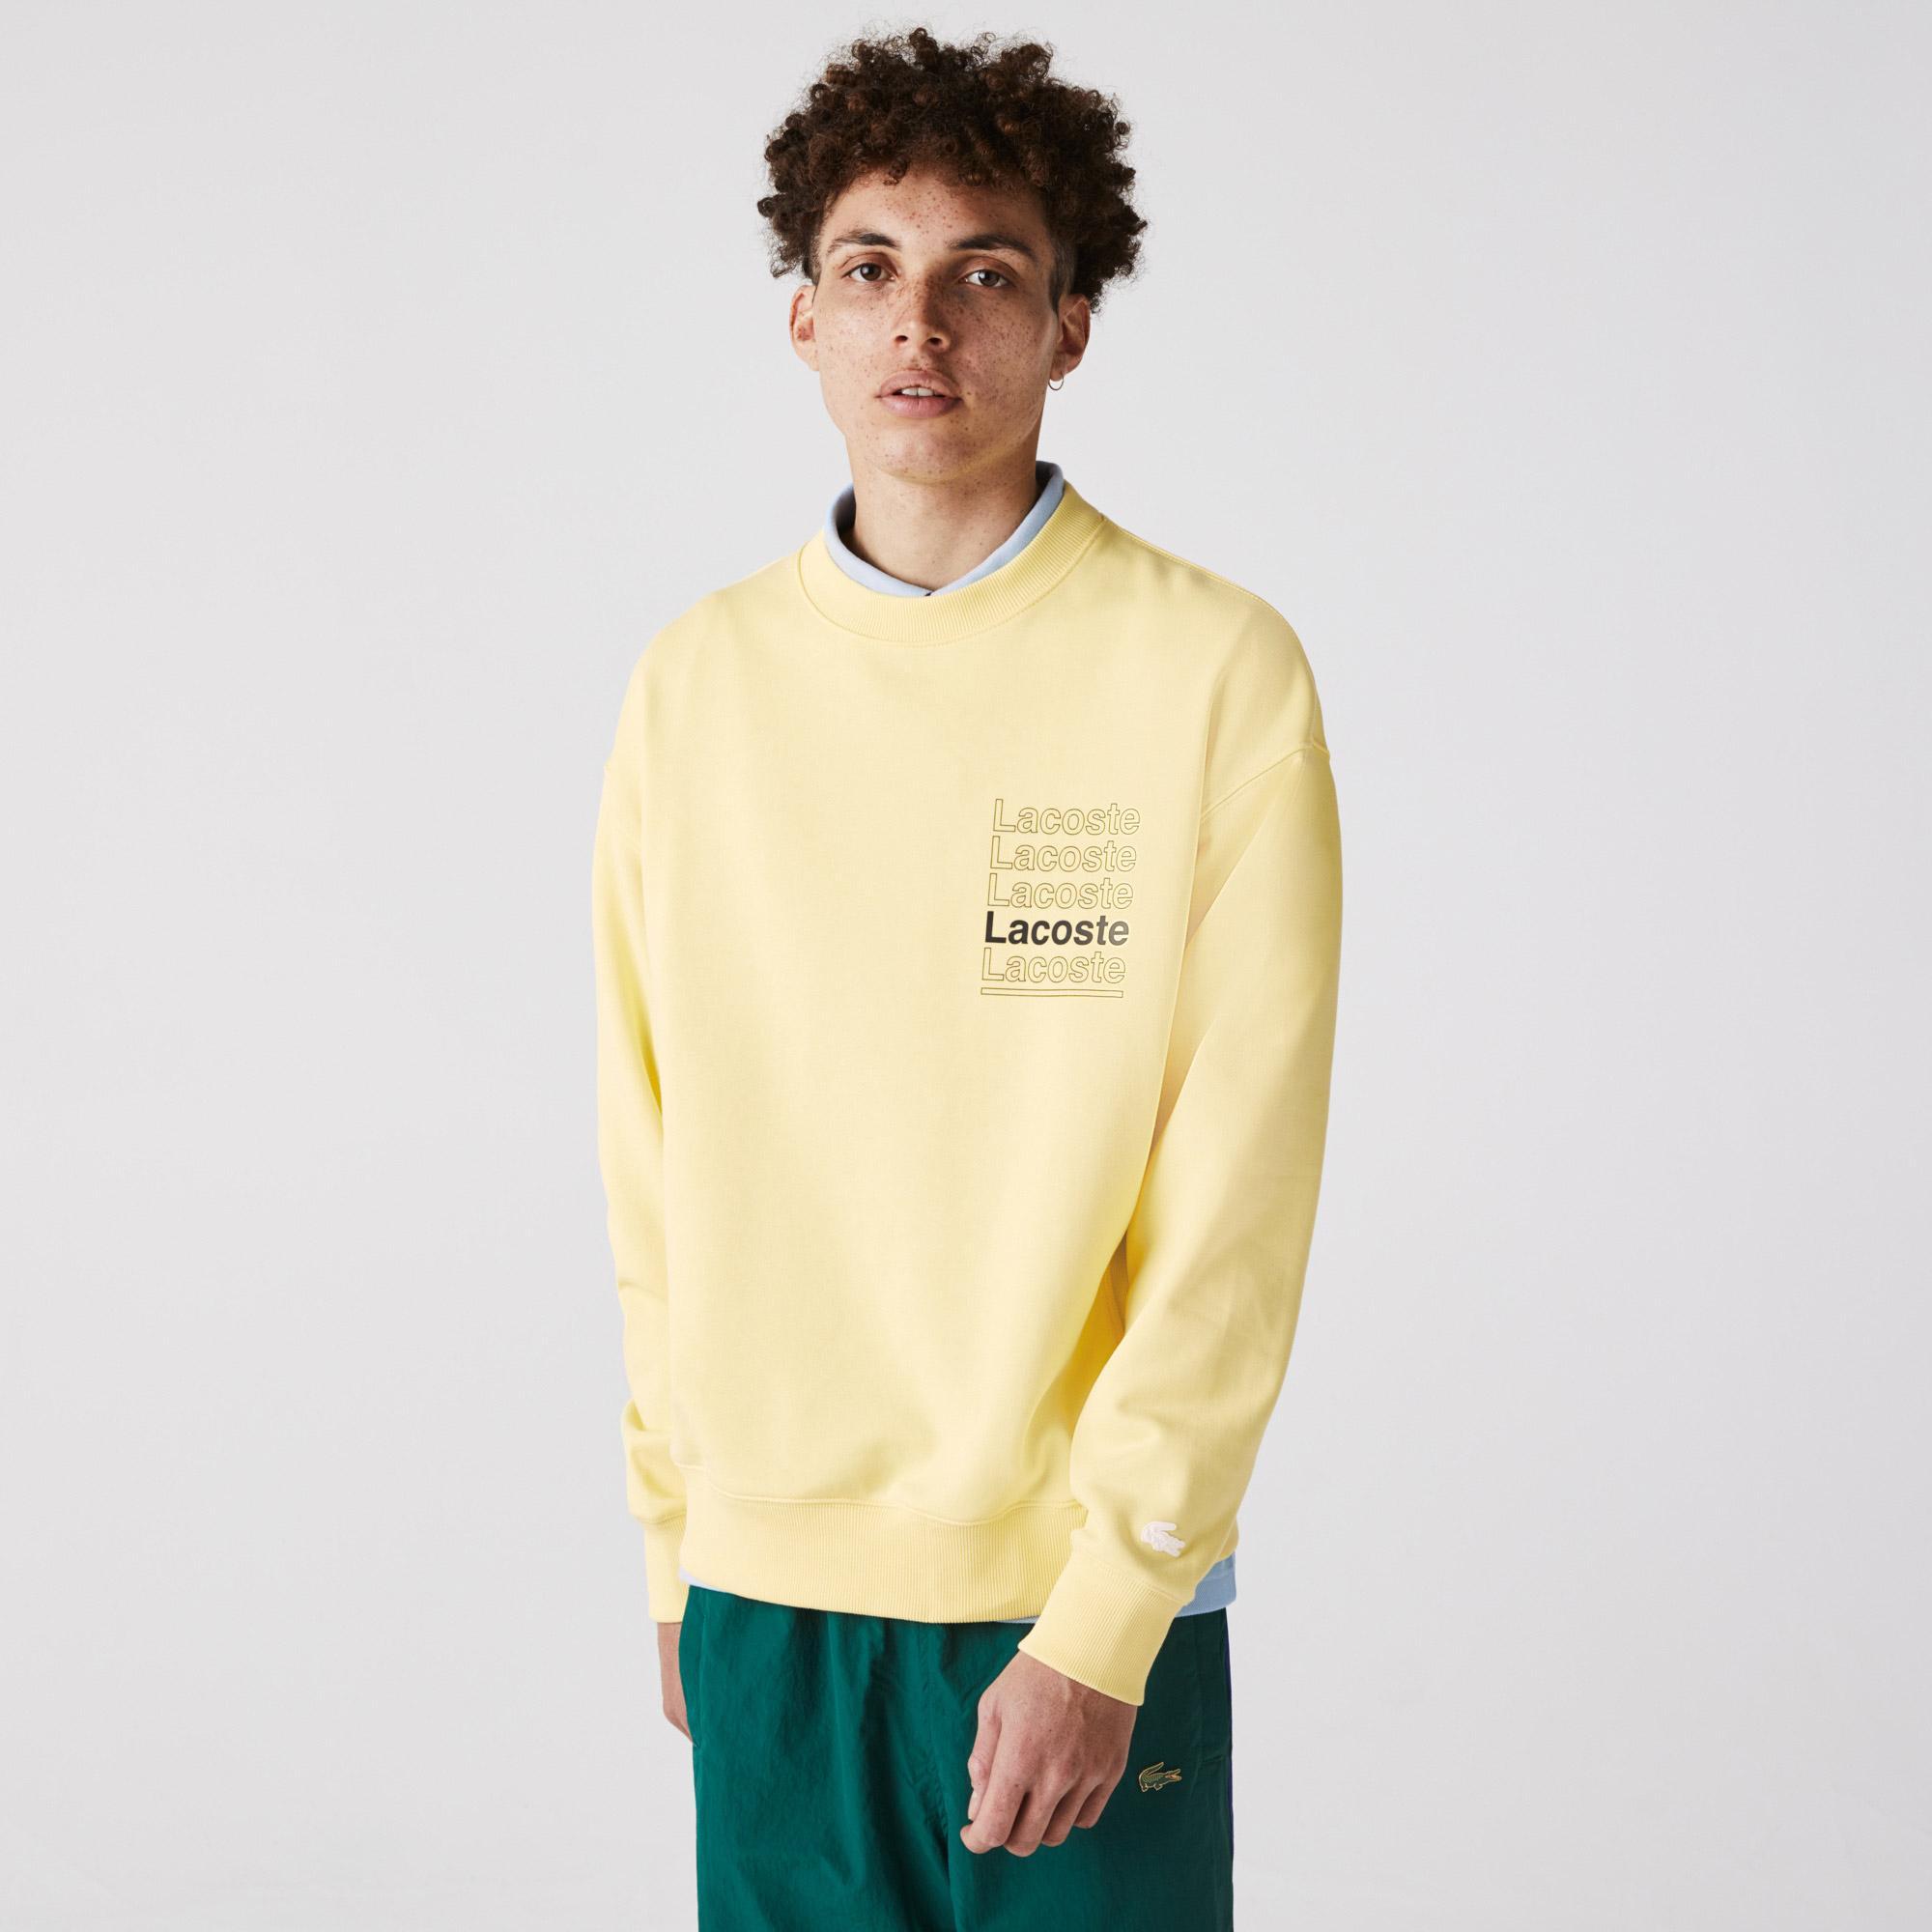 Lacoste L!VE Erkek Loose Fit Bisiklet Yaka Baskılı Sarı Sweatshirt